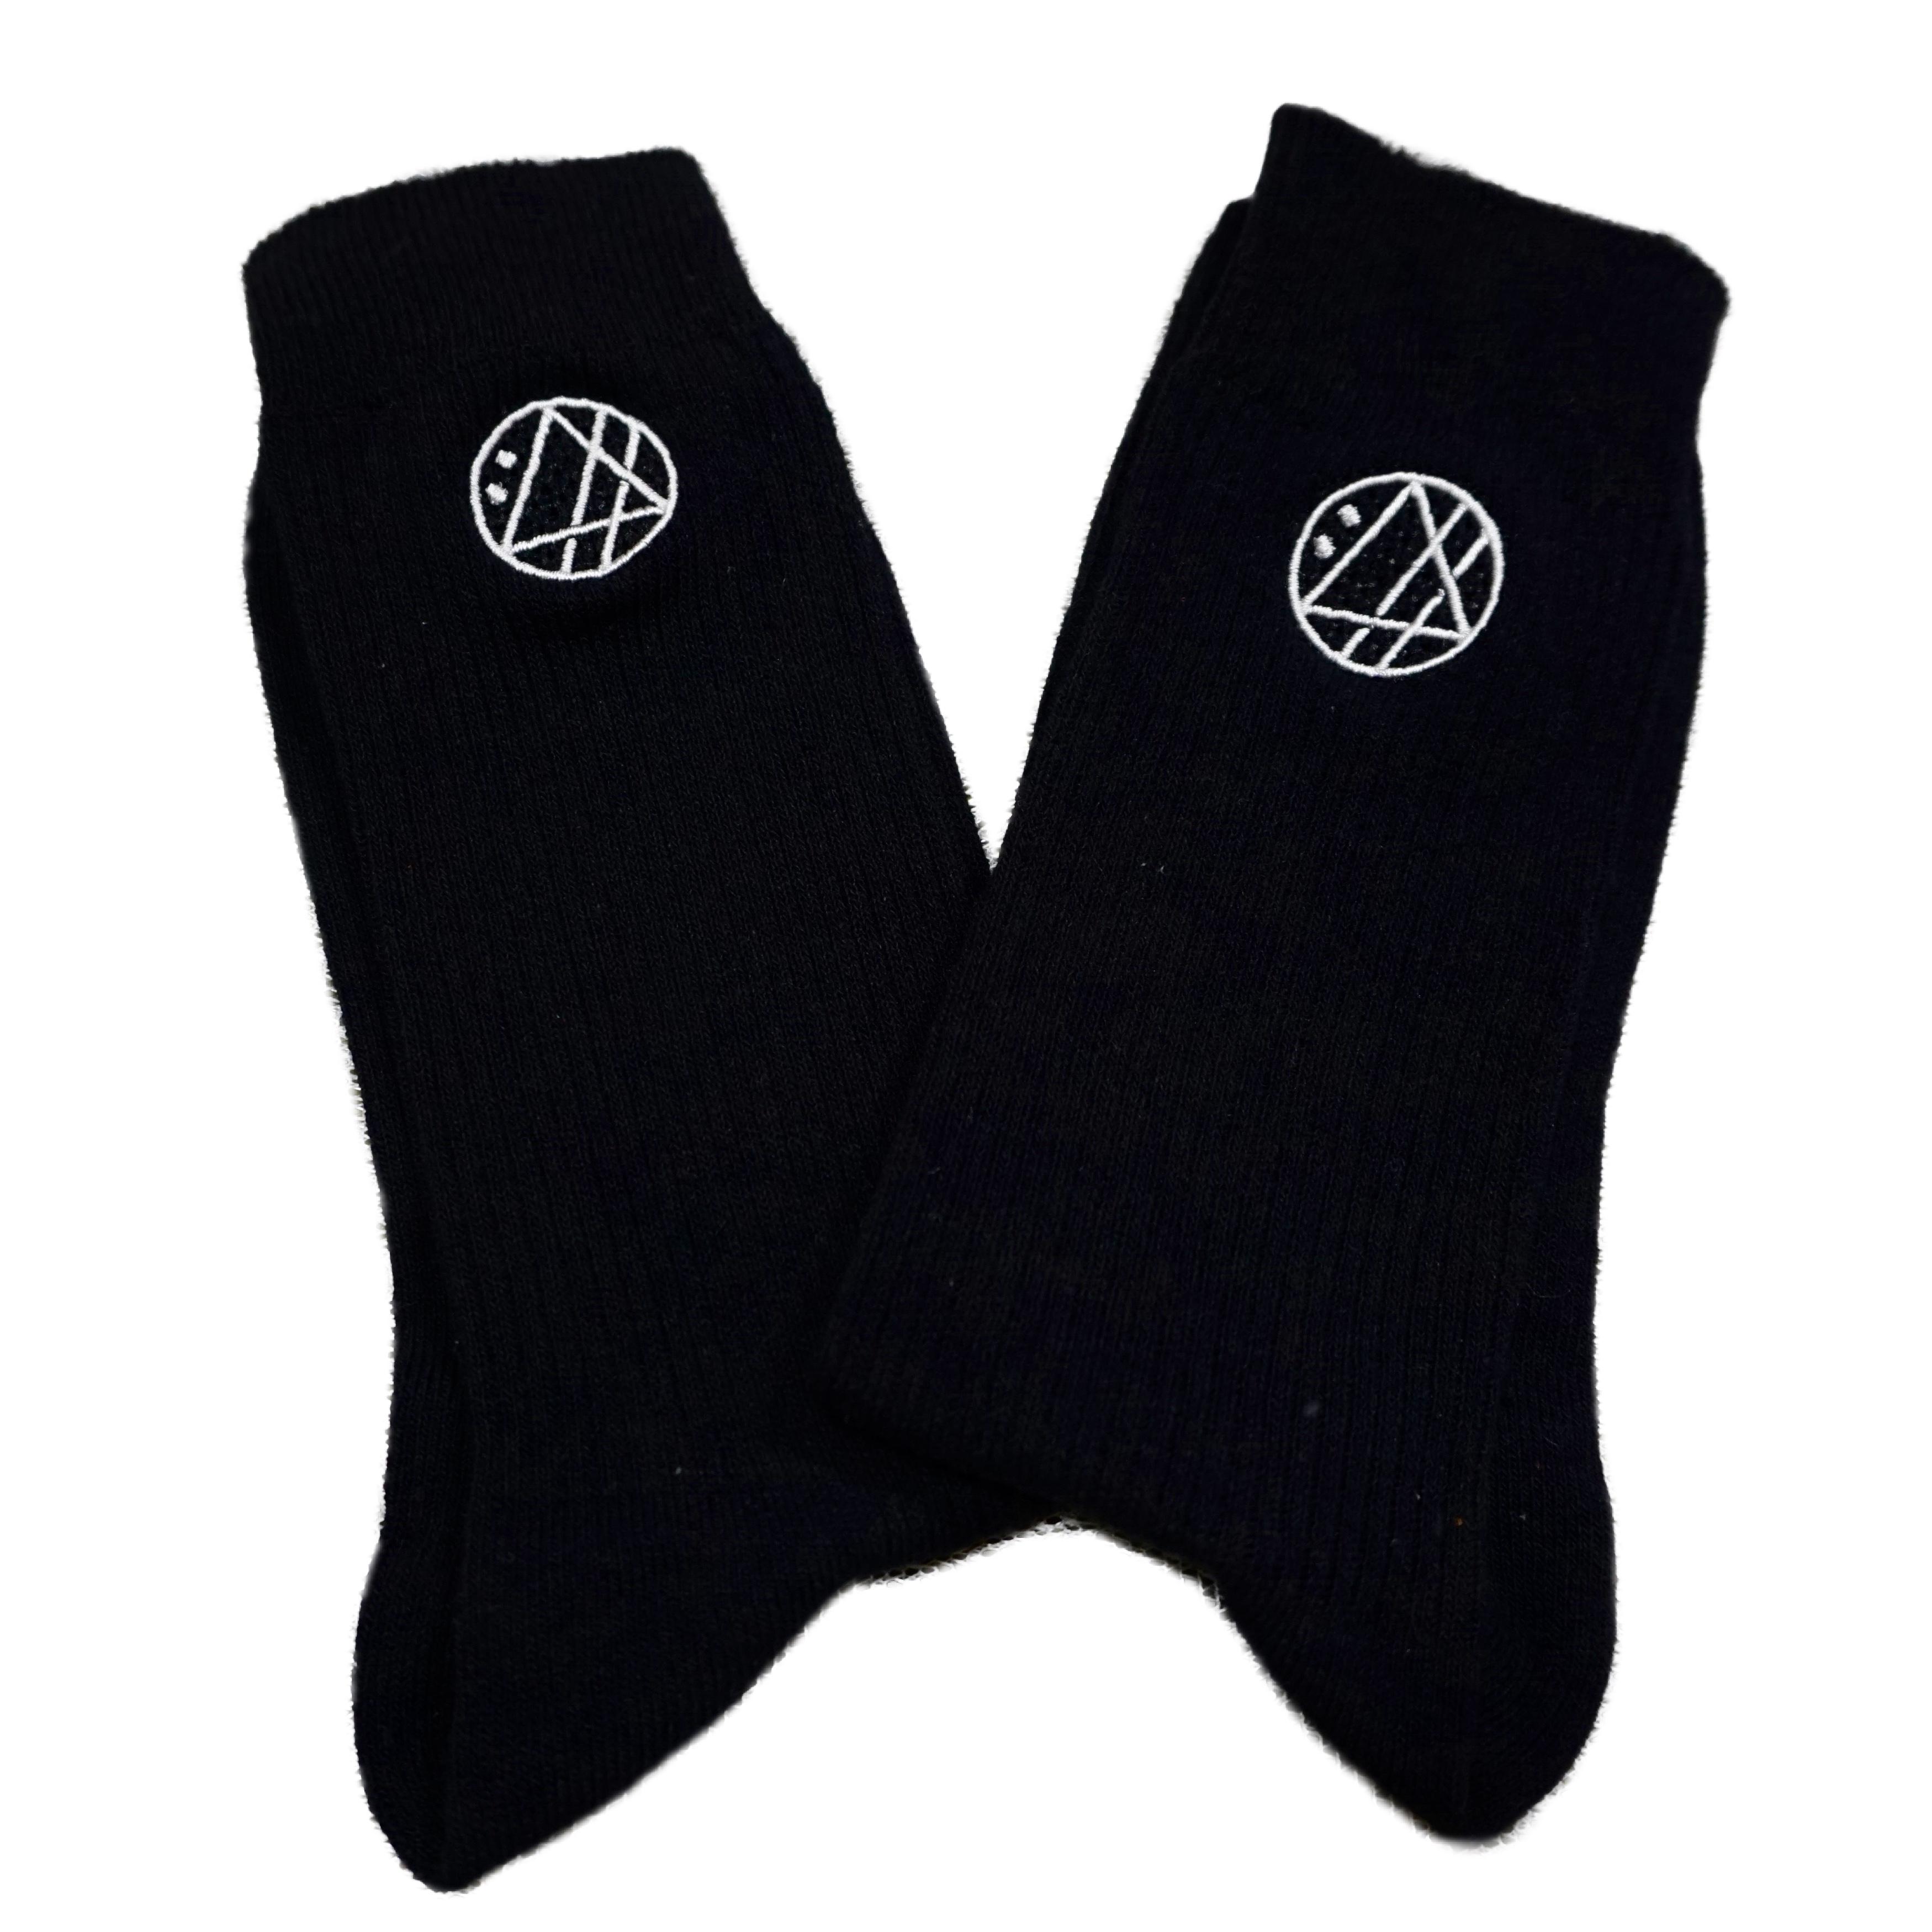 丸ロゴ刺繍ソックス (ブラック) - 画像2